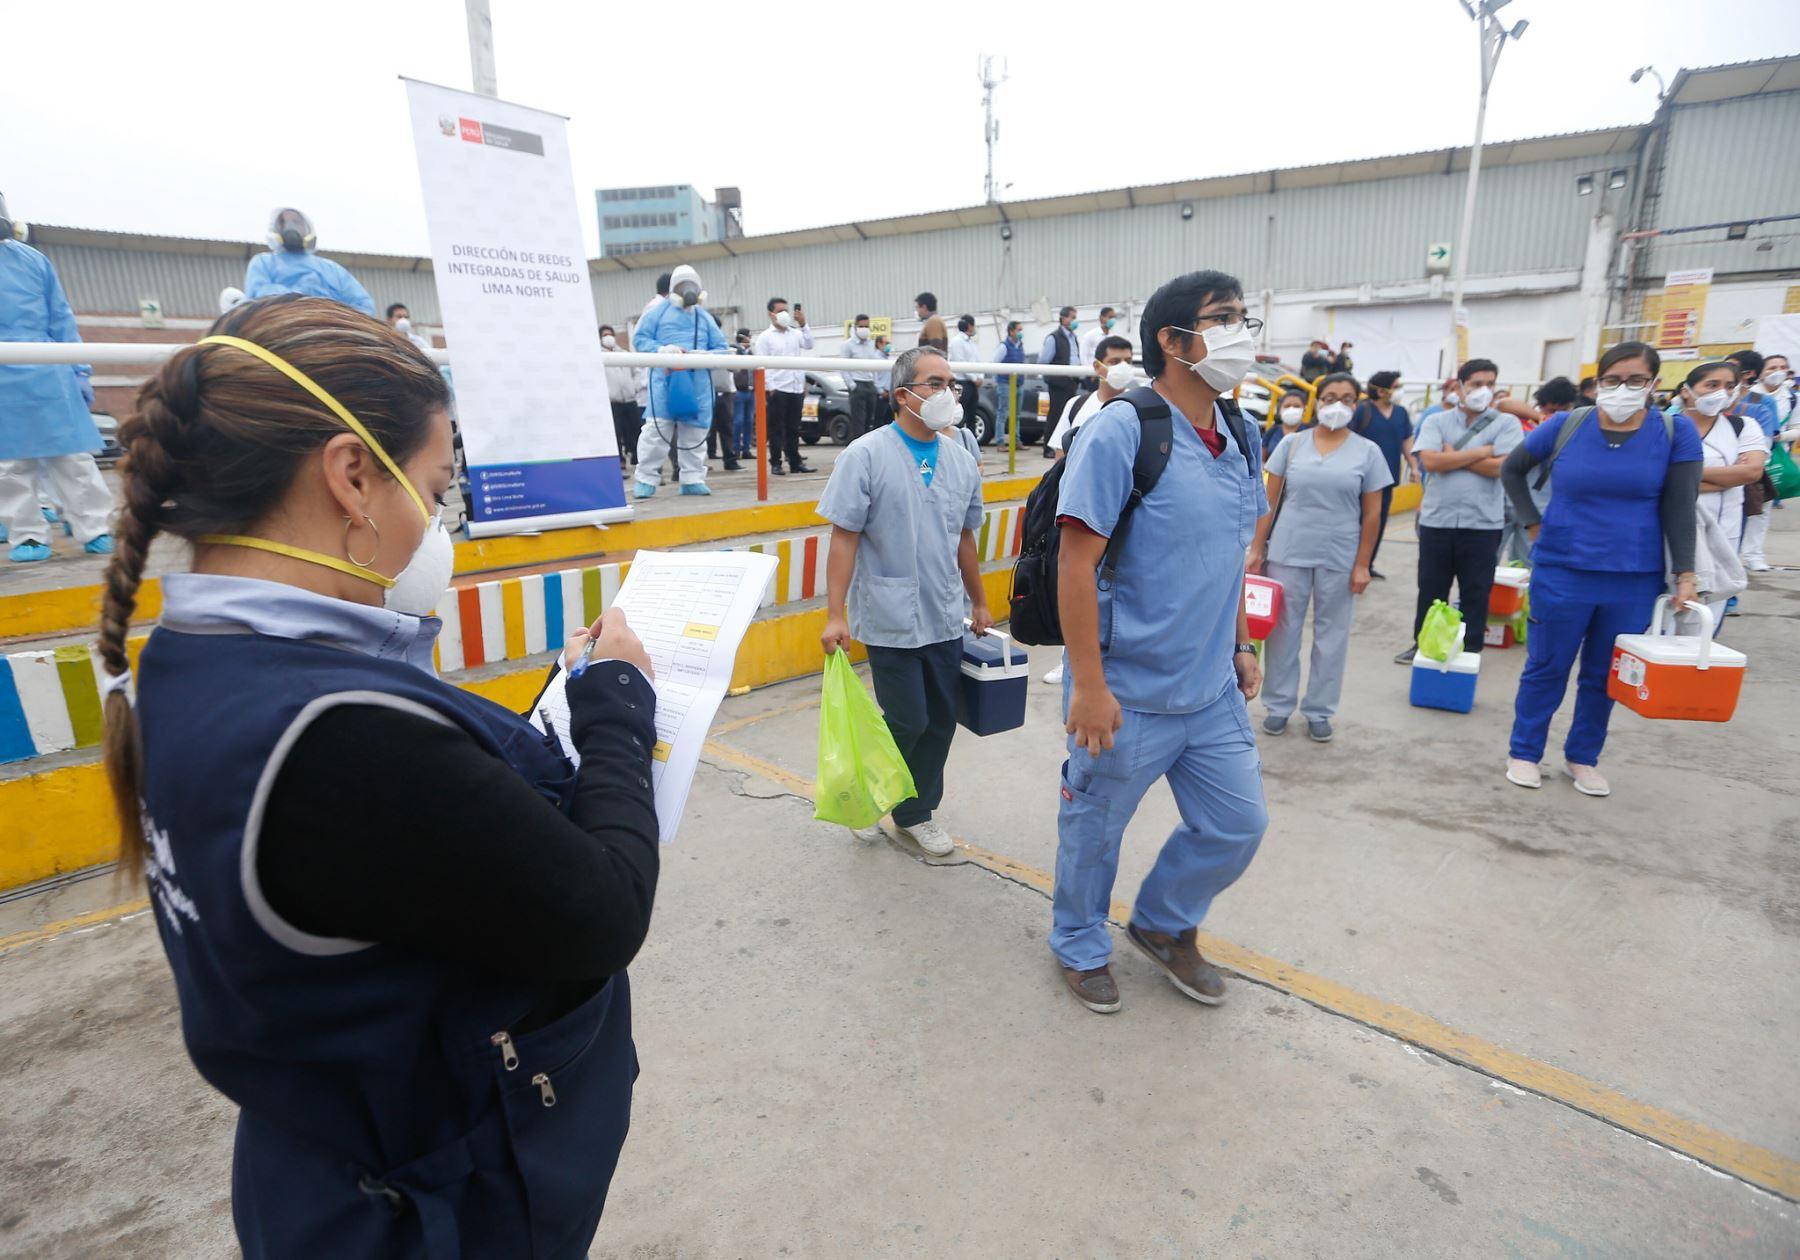 Desde el Centro de Comando covid 19 instalado en Los Olivos, el ministro Victor Zamora presentó La Hora de la Atención Primaria, estrategia mediante la cual se atenderá a tres millones de habitantes de Lima Norte. Foto: ANDINA/Difusión